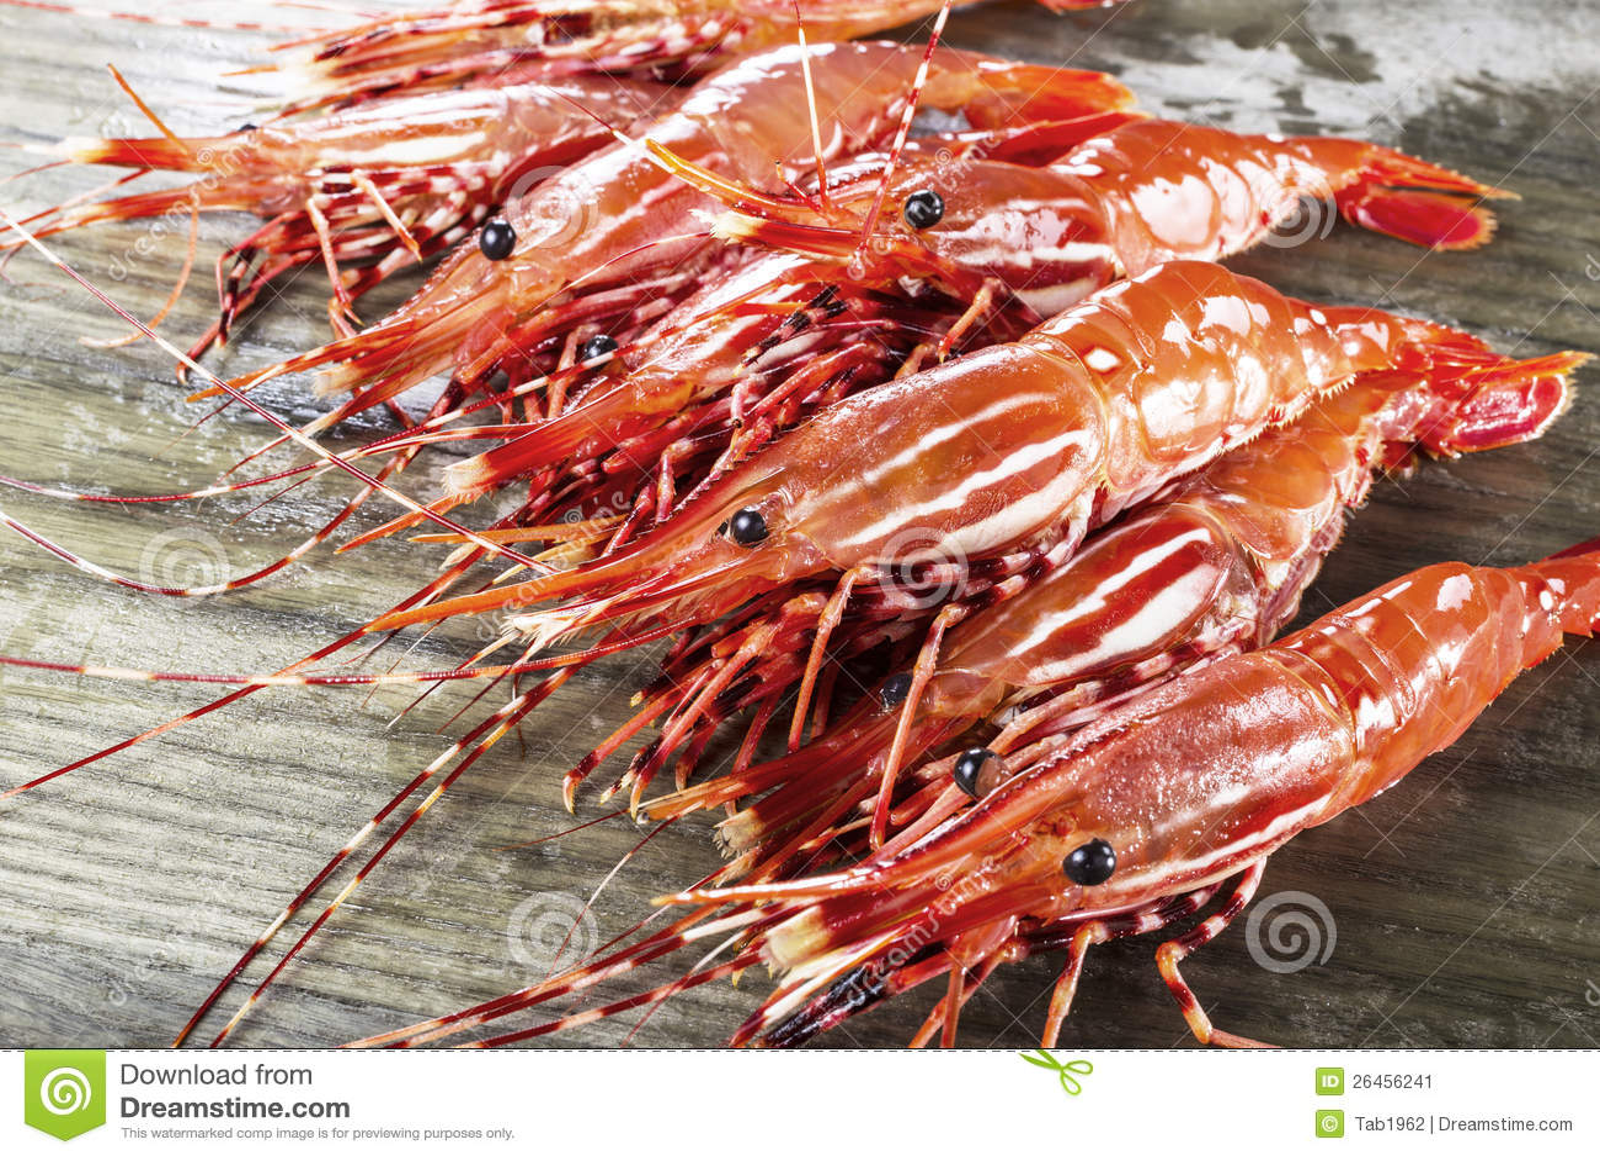 Stapel van levende garnalen bij de visserij van dok stock ...